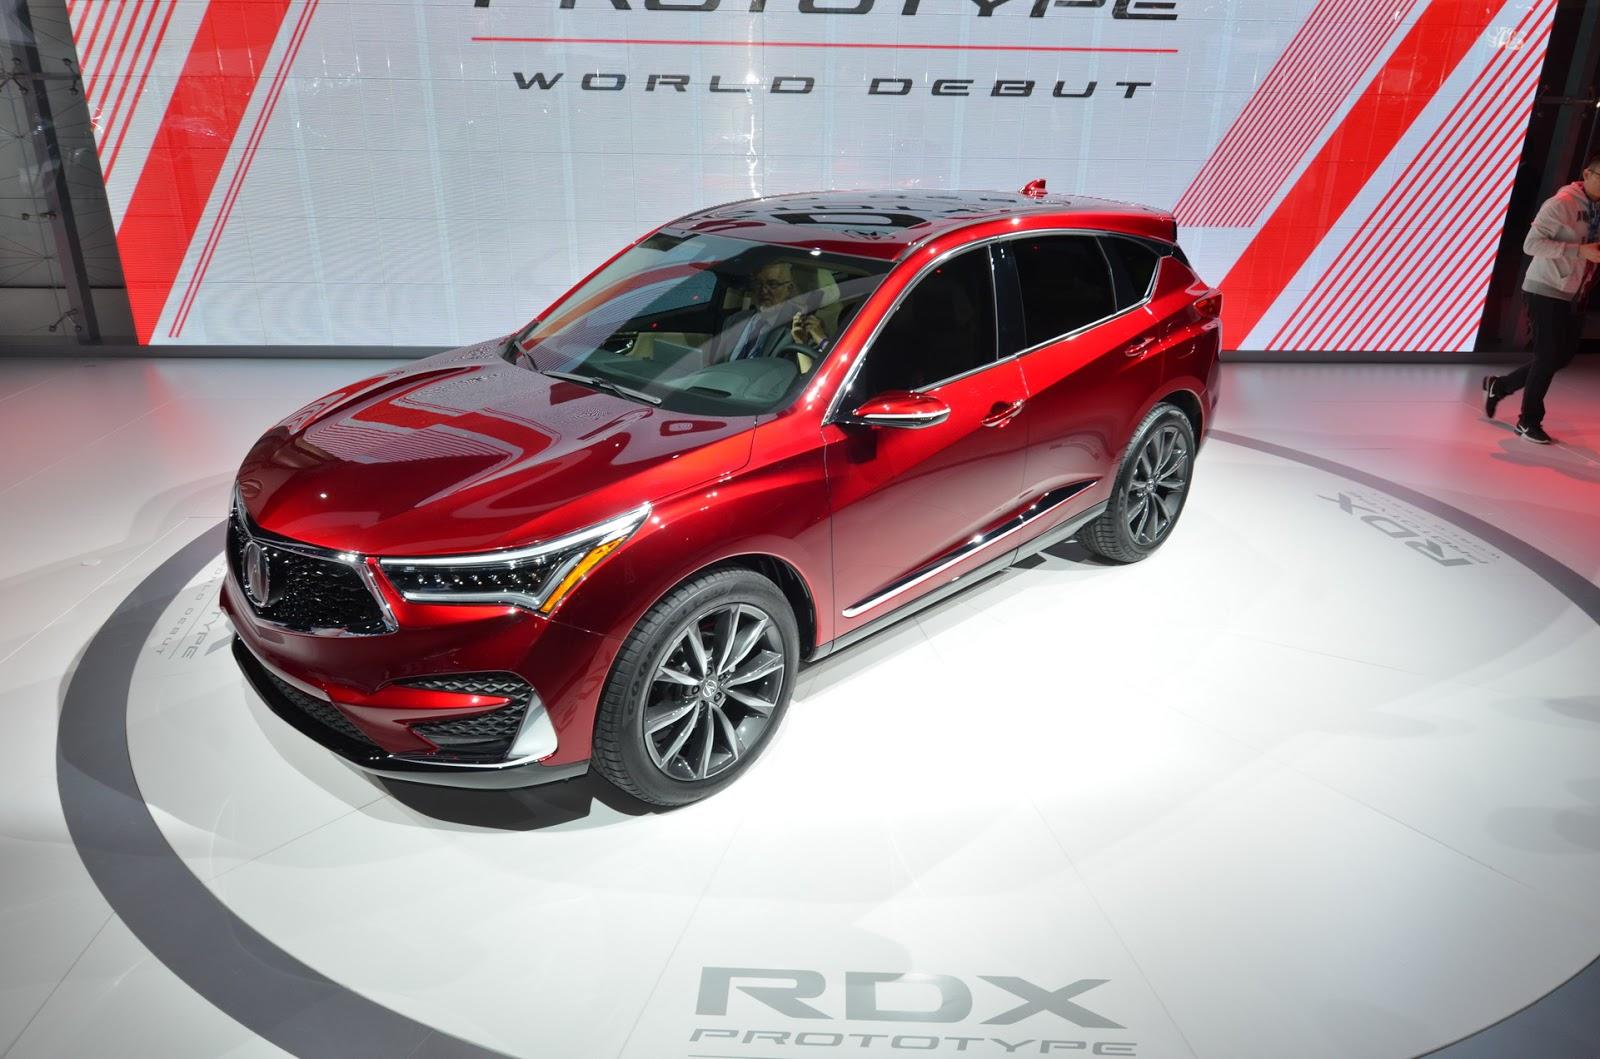 2019-Acura-RDX-2.JPG